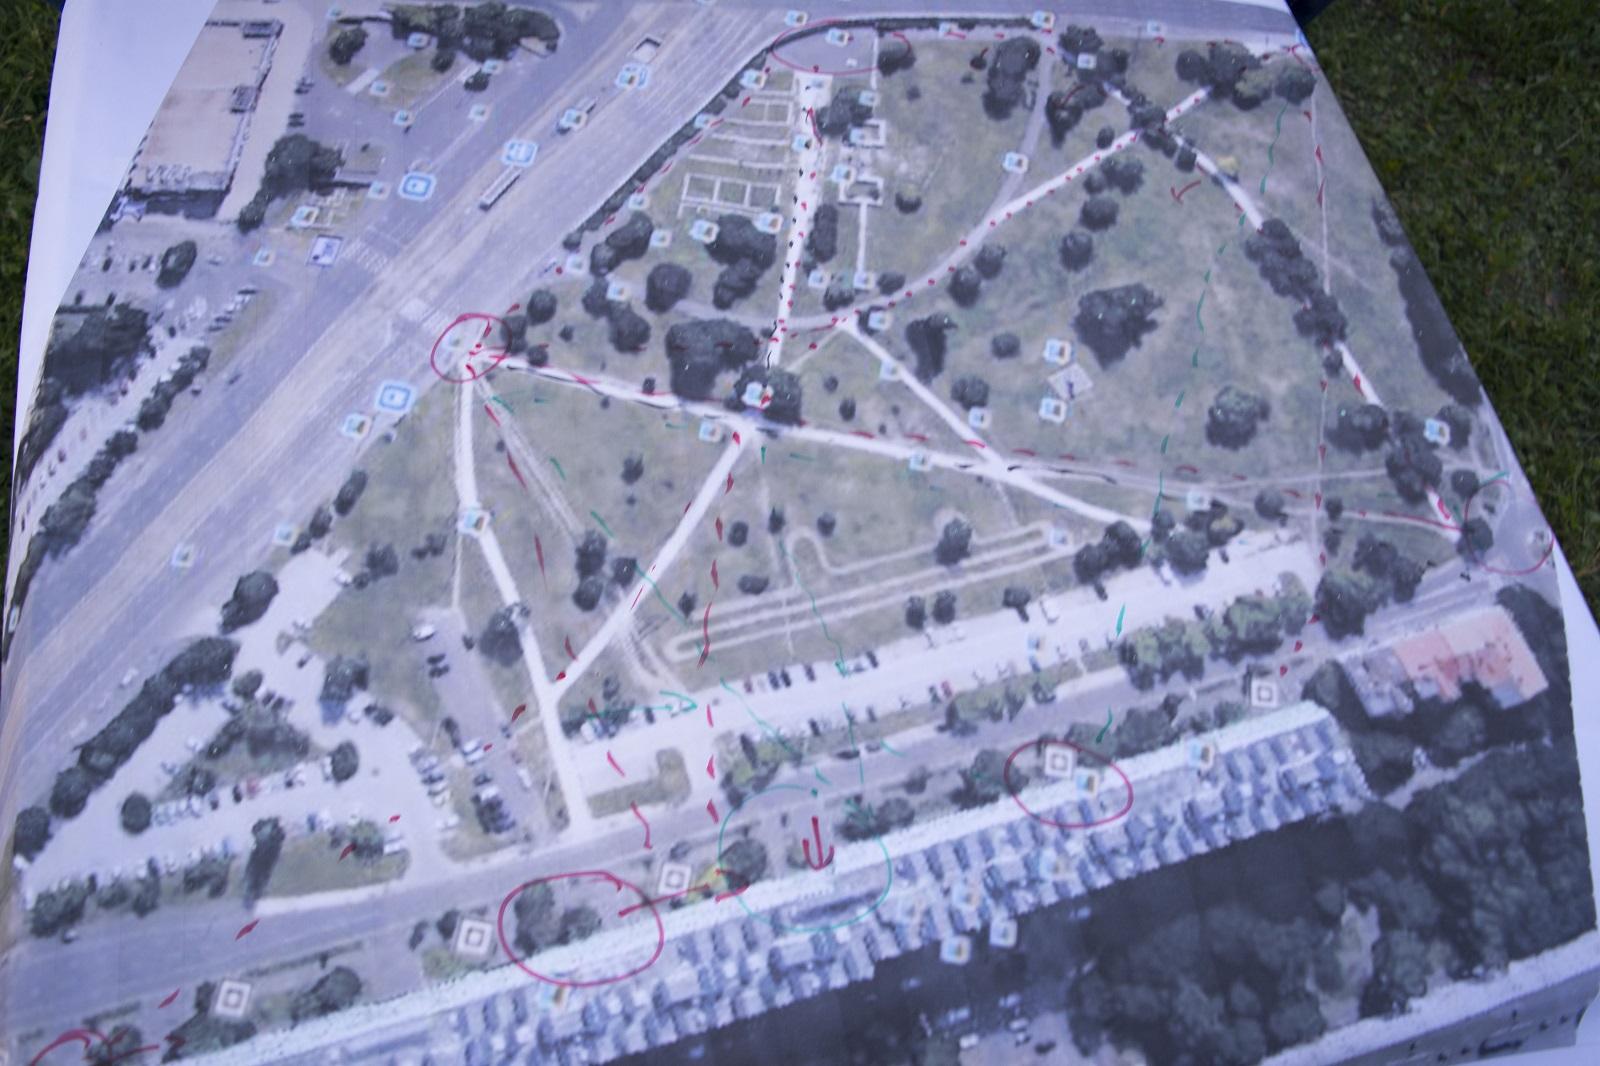 Műhold felvétel a parkról - sétányok és kitaposások